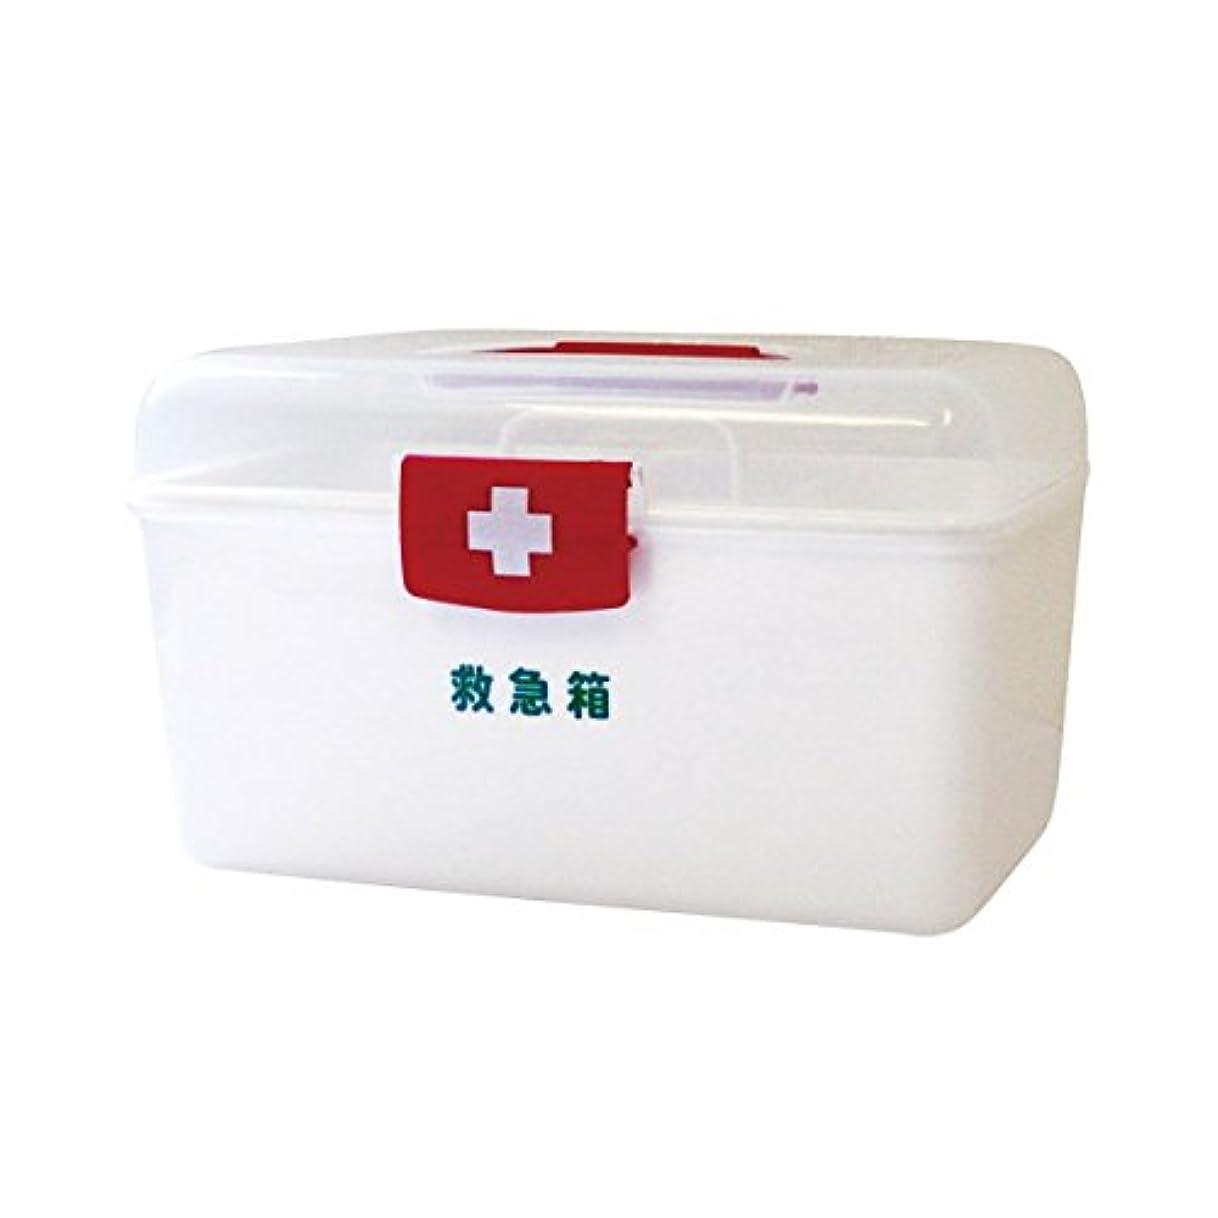 現像ふさわしいバラバラにするリーダー ポリ救急箱セット Mサイズ 782498